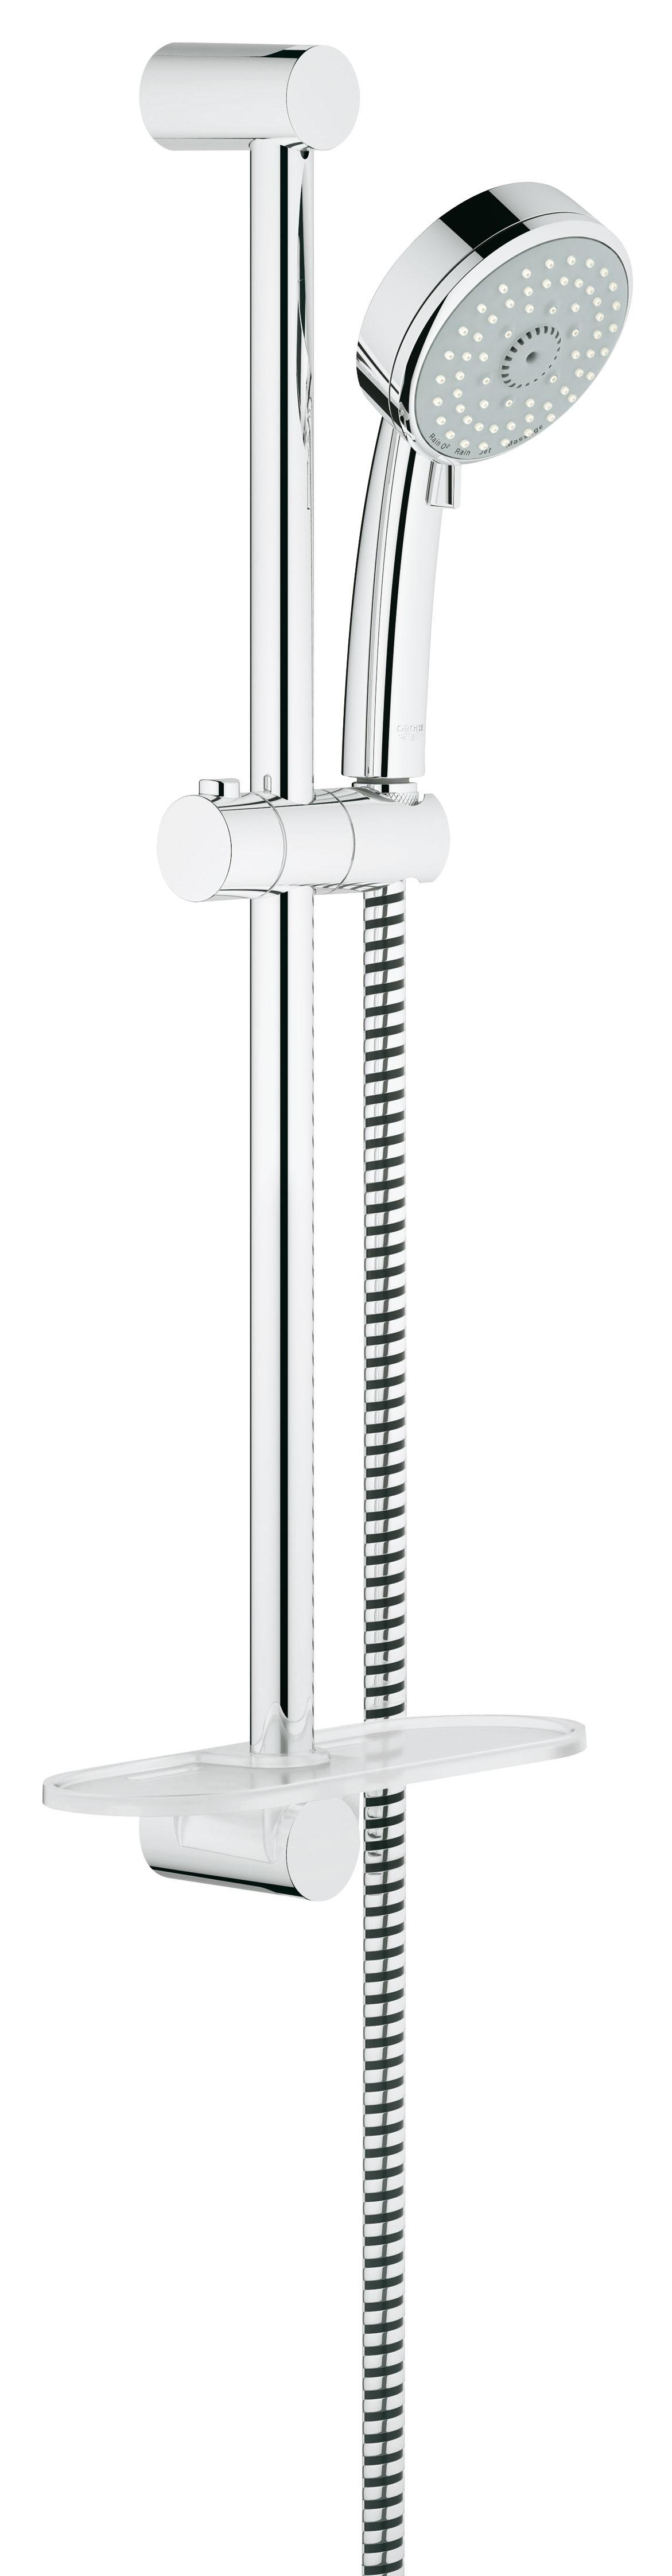 Душевой гарнитур Grohe 27577001 Tempesta Cosmopolitan (ручной душ, штанга 600 мм, шланг 1750 мм) с ограничением расхода воды, хром